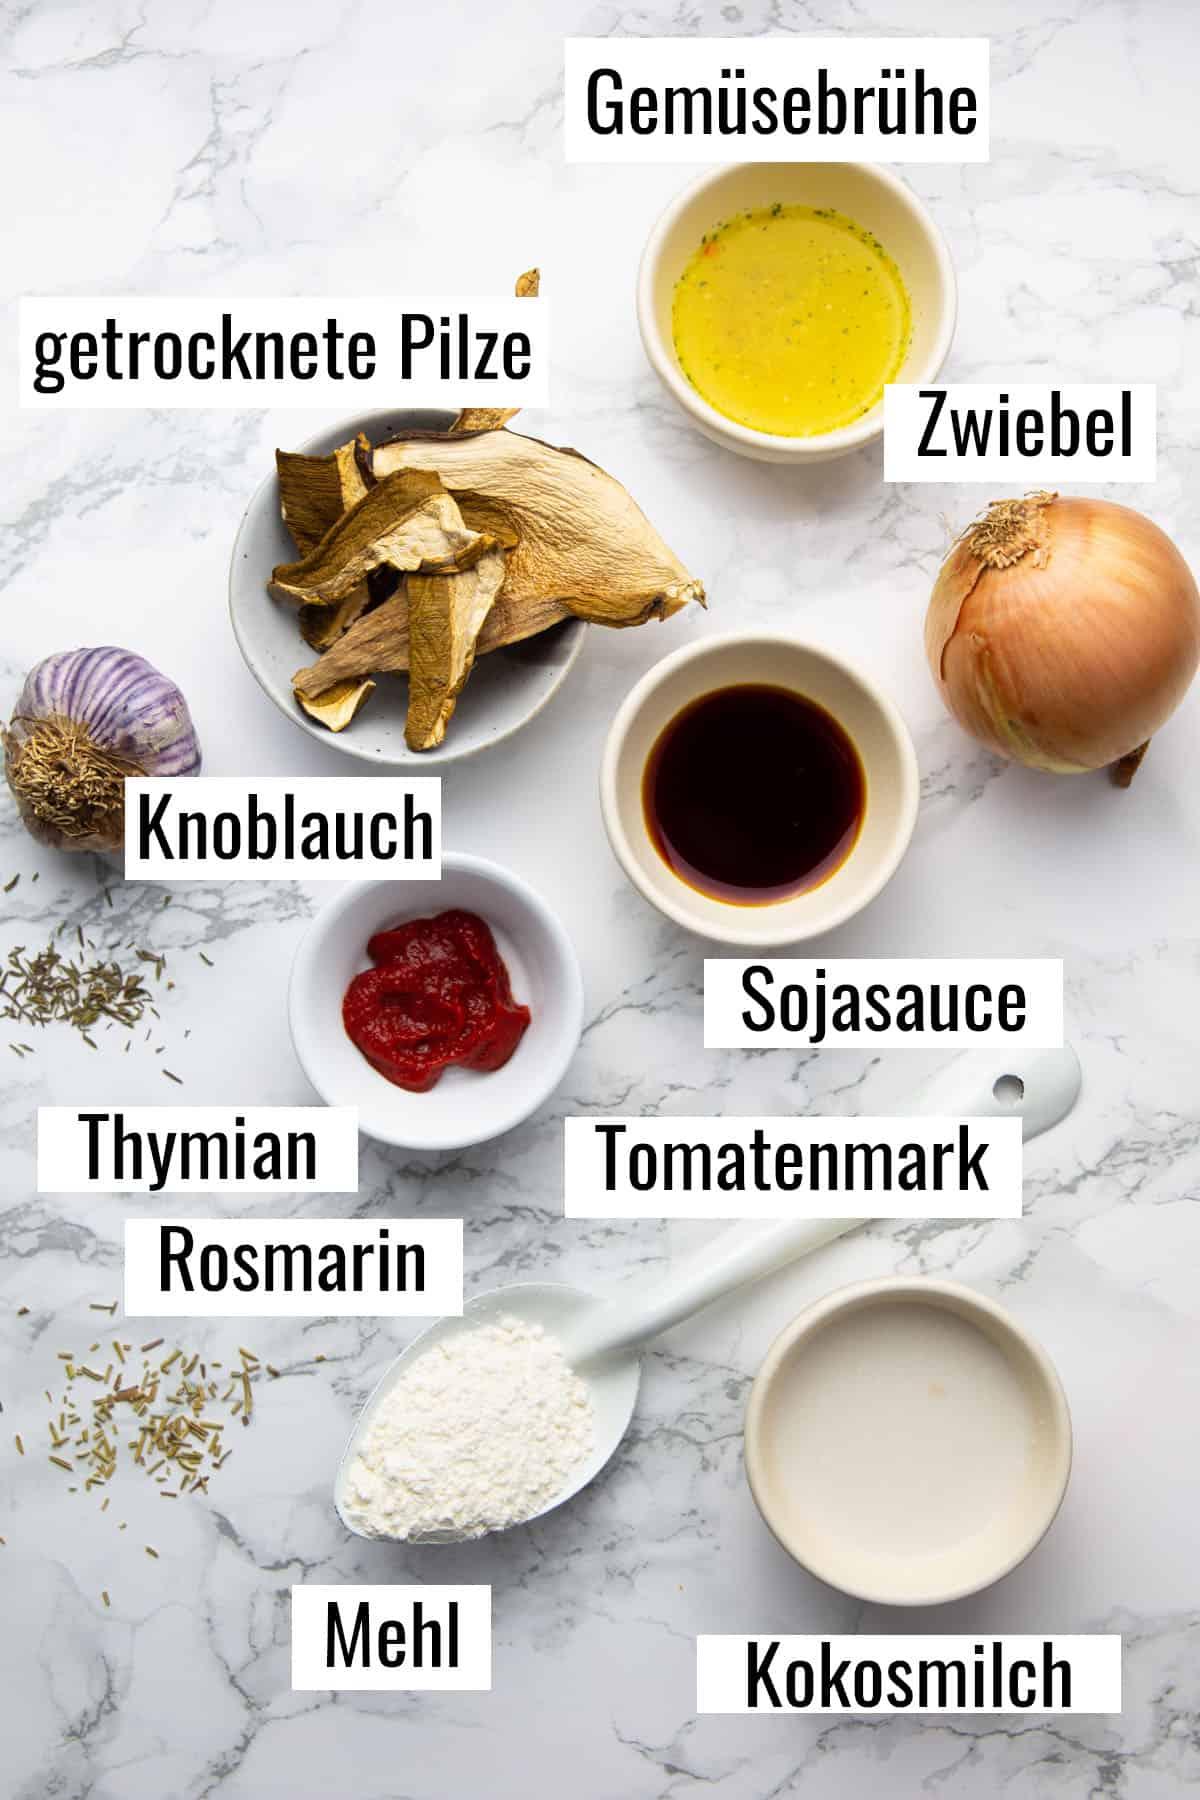 die Zutaten, die man für dieses Rezept benötigt auf einer Marmorplatte